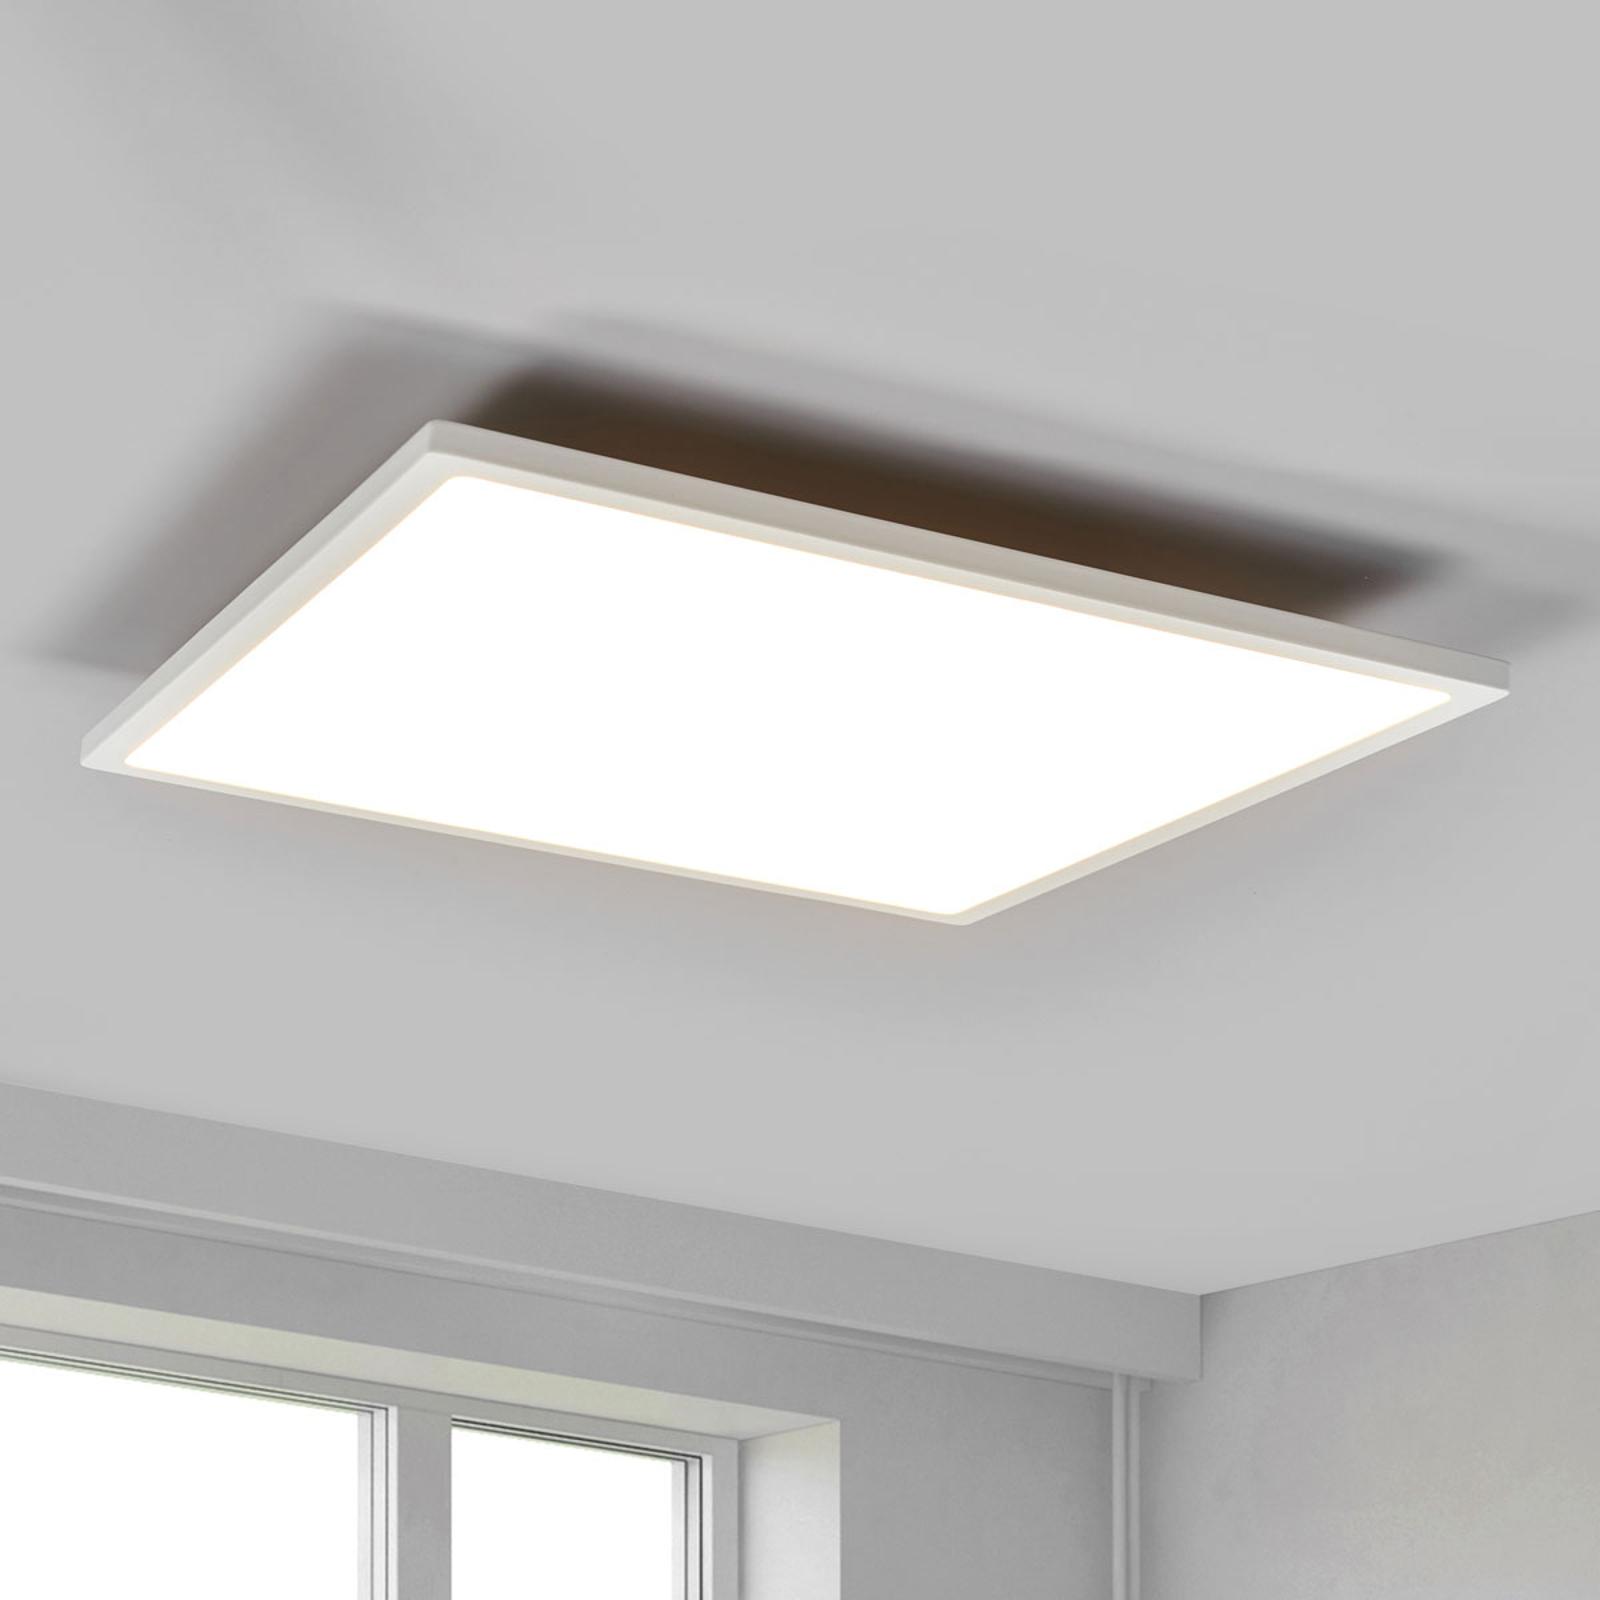 LED-Deckenleuchte Ceres, easydim, weiß, 35x35cm